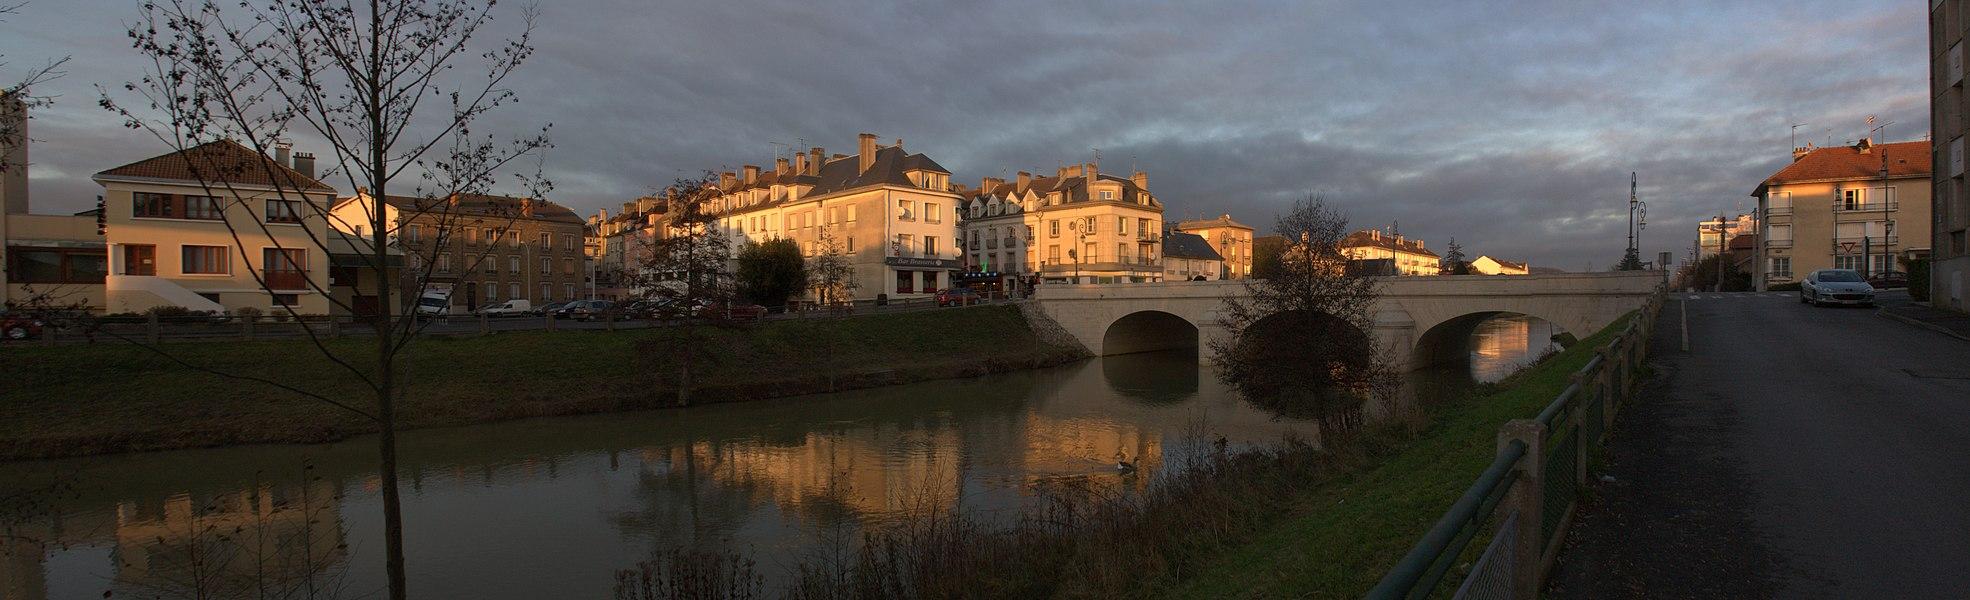 La Fausse Marne et le pont sur la Fausse Marne à Château-Thierry.